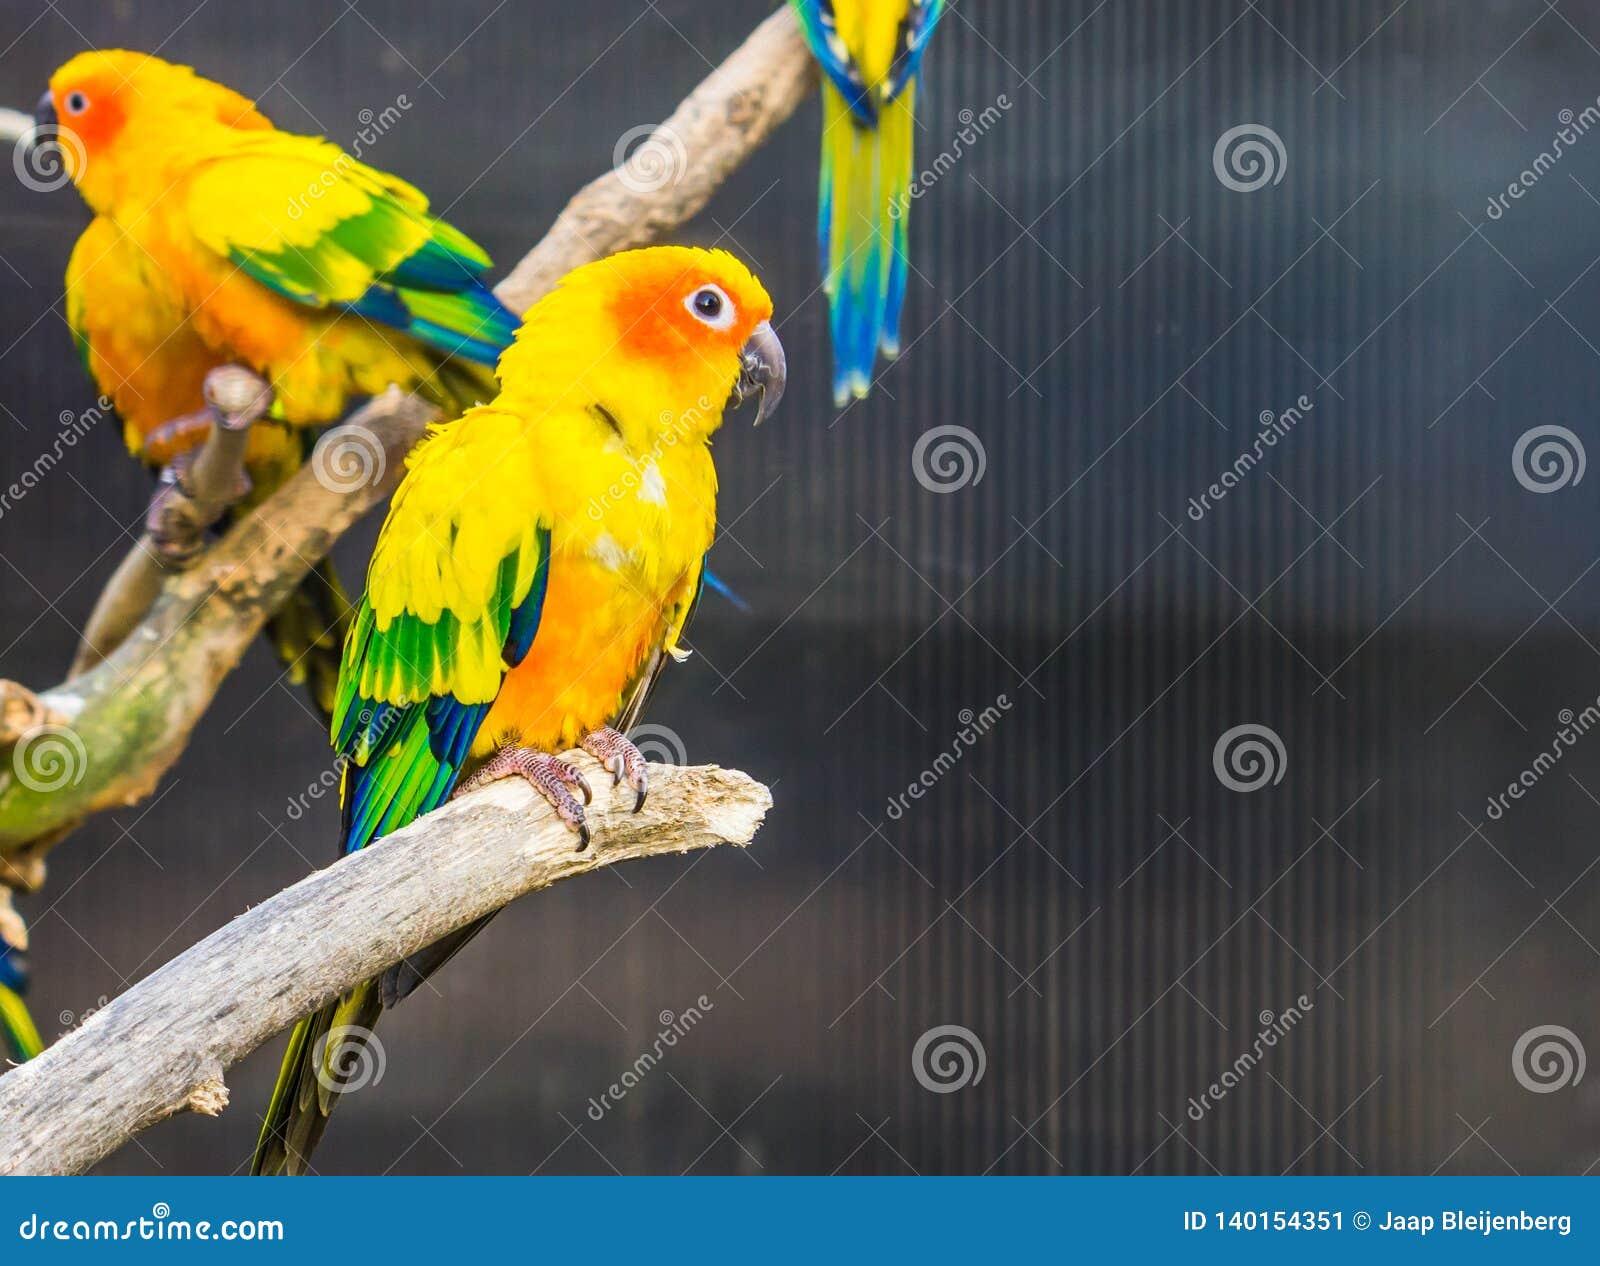 Färgrik solparakiter som sitter på en filial, tropisk liten papegoja från Amerika, utsatt för fara fågelspecie